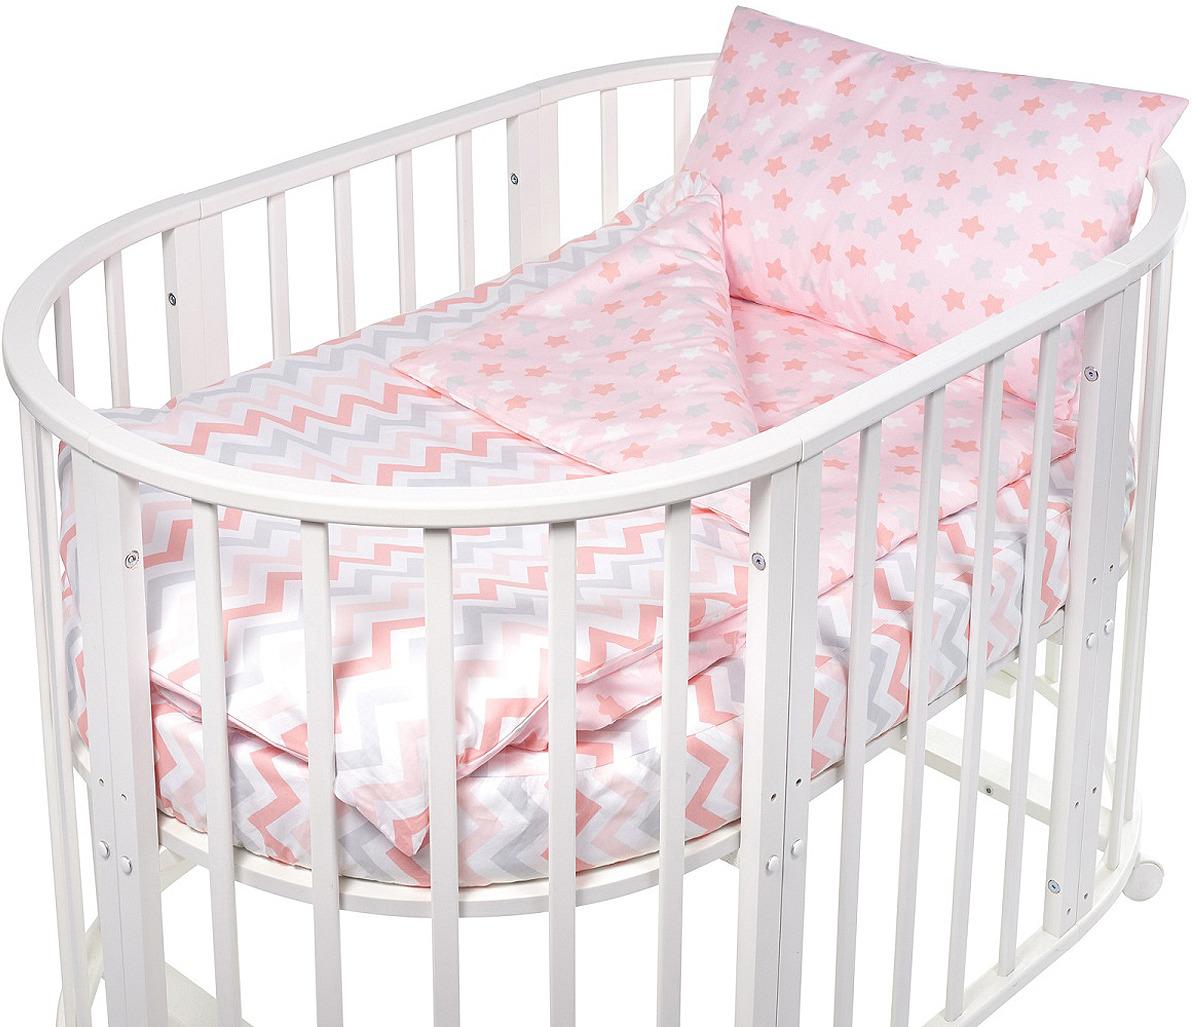 цена Комплект белья для новорожденных Sweet Baby Colori Rosa, 420989, розовый, 4 предмета онлайн в 2017 году